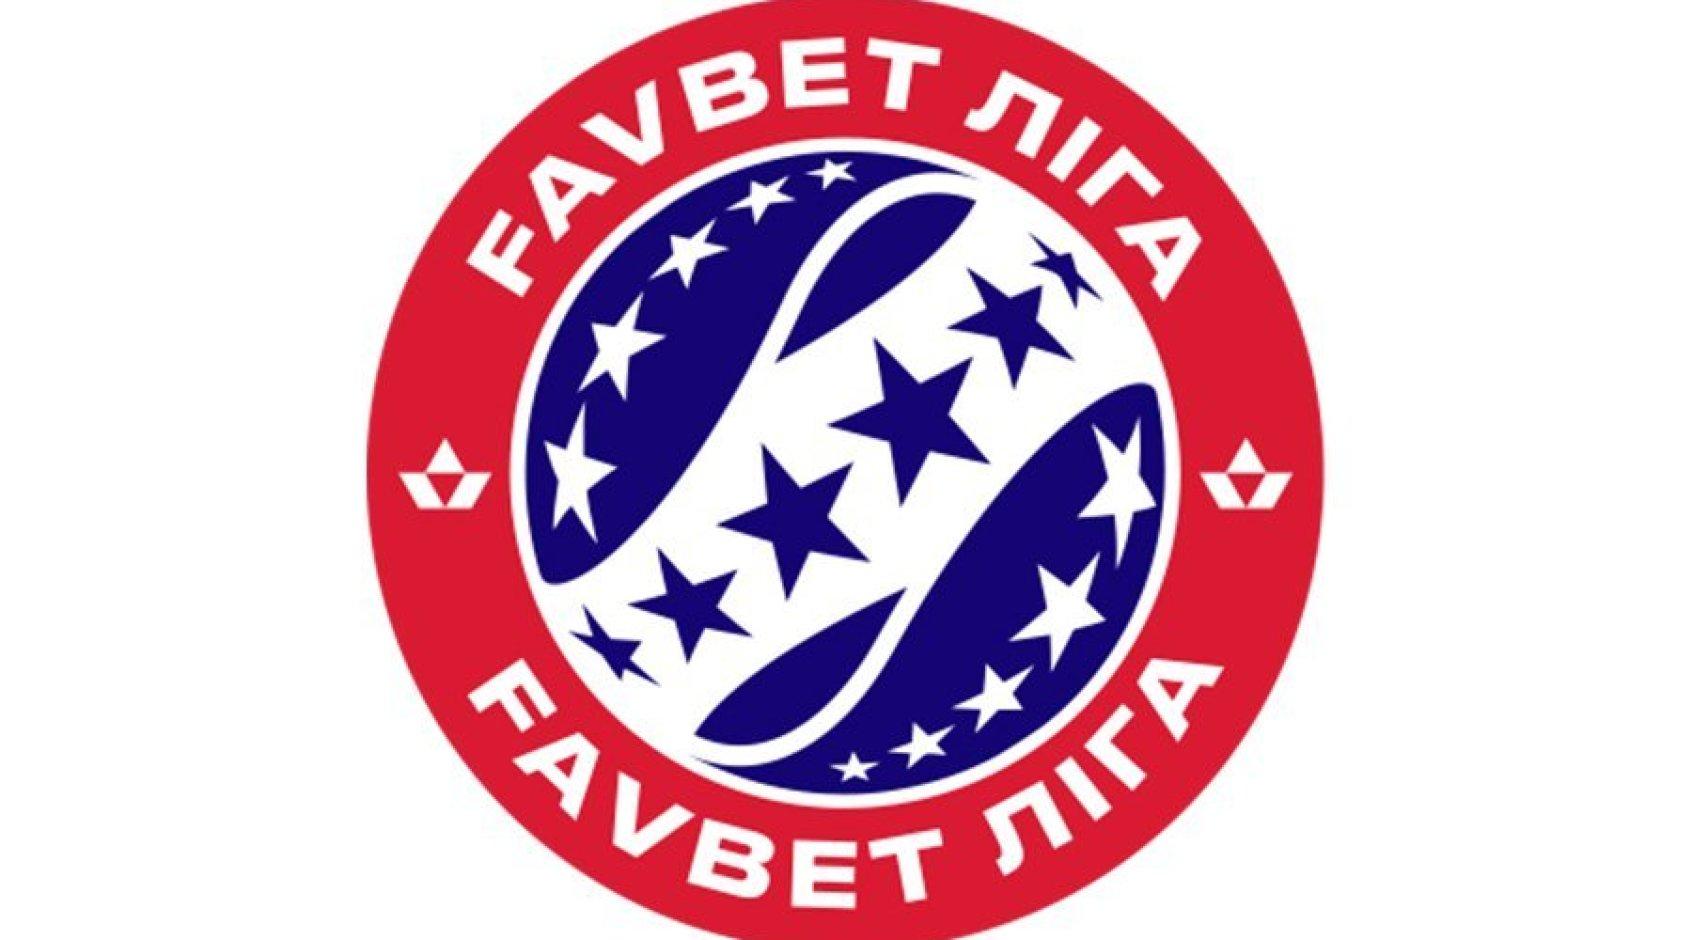 15 мая пройдет онлайн-заседание УПЛ, на котором обсудят доигровку и расширение чемпионата